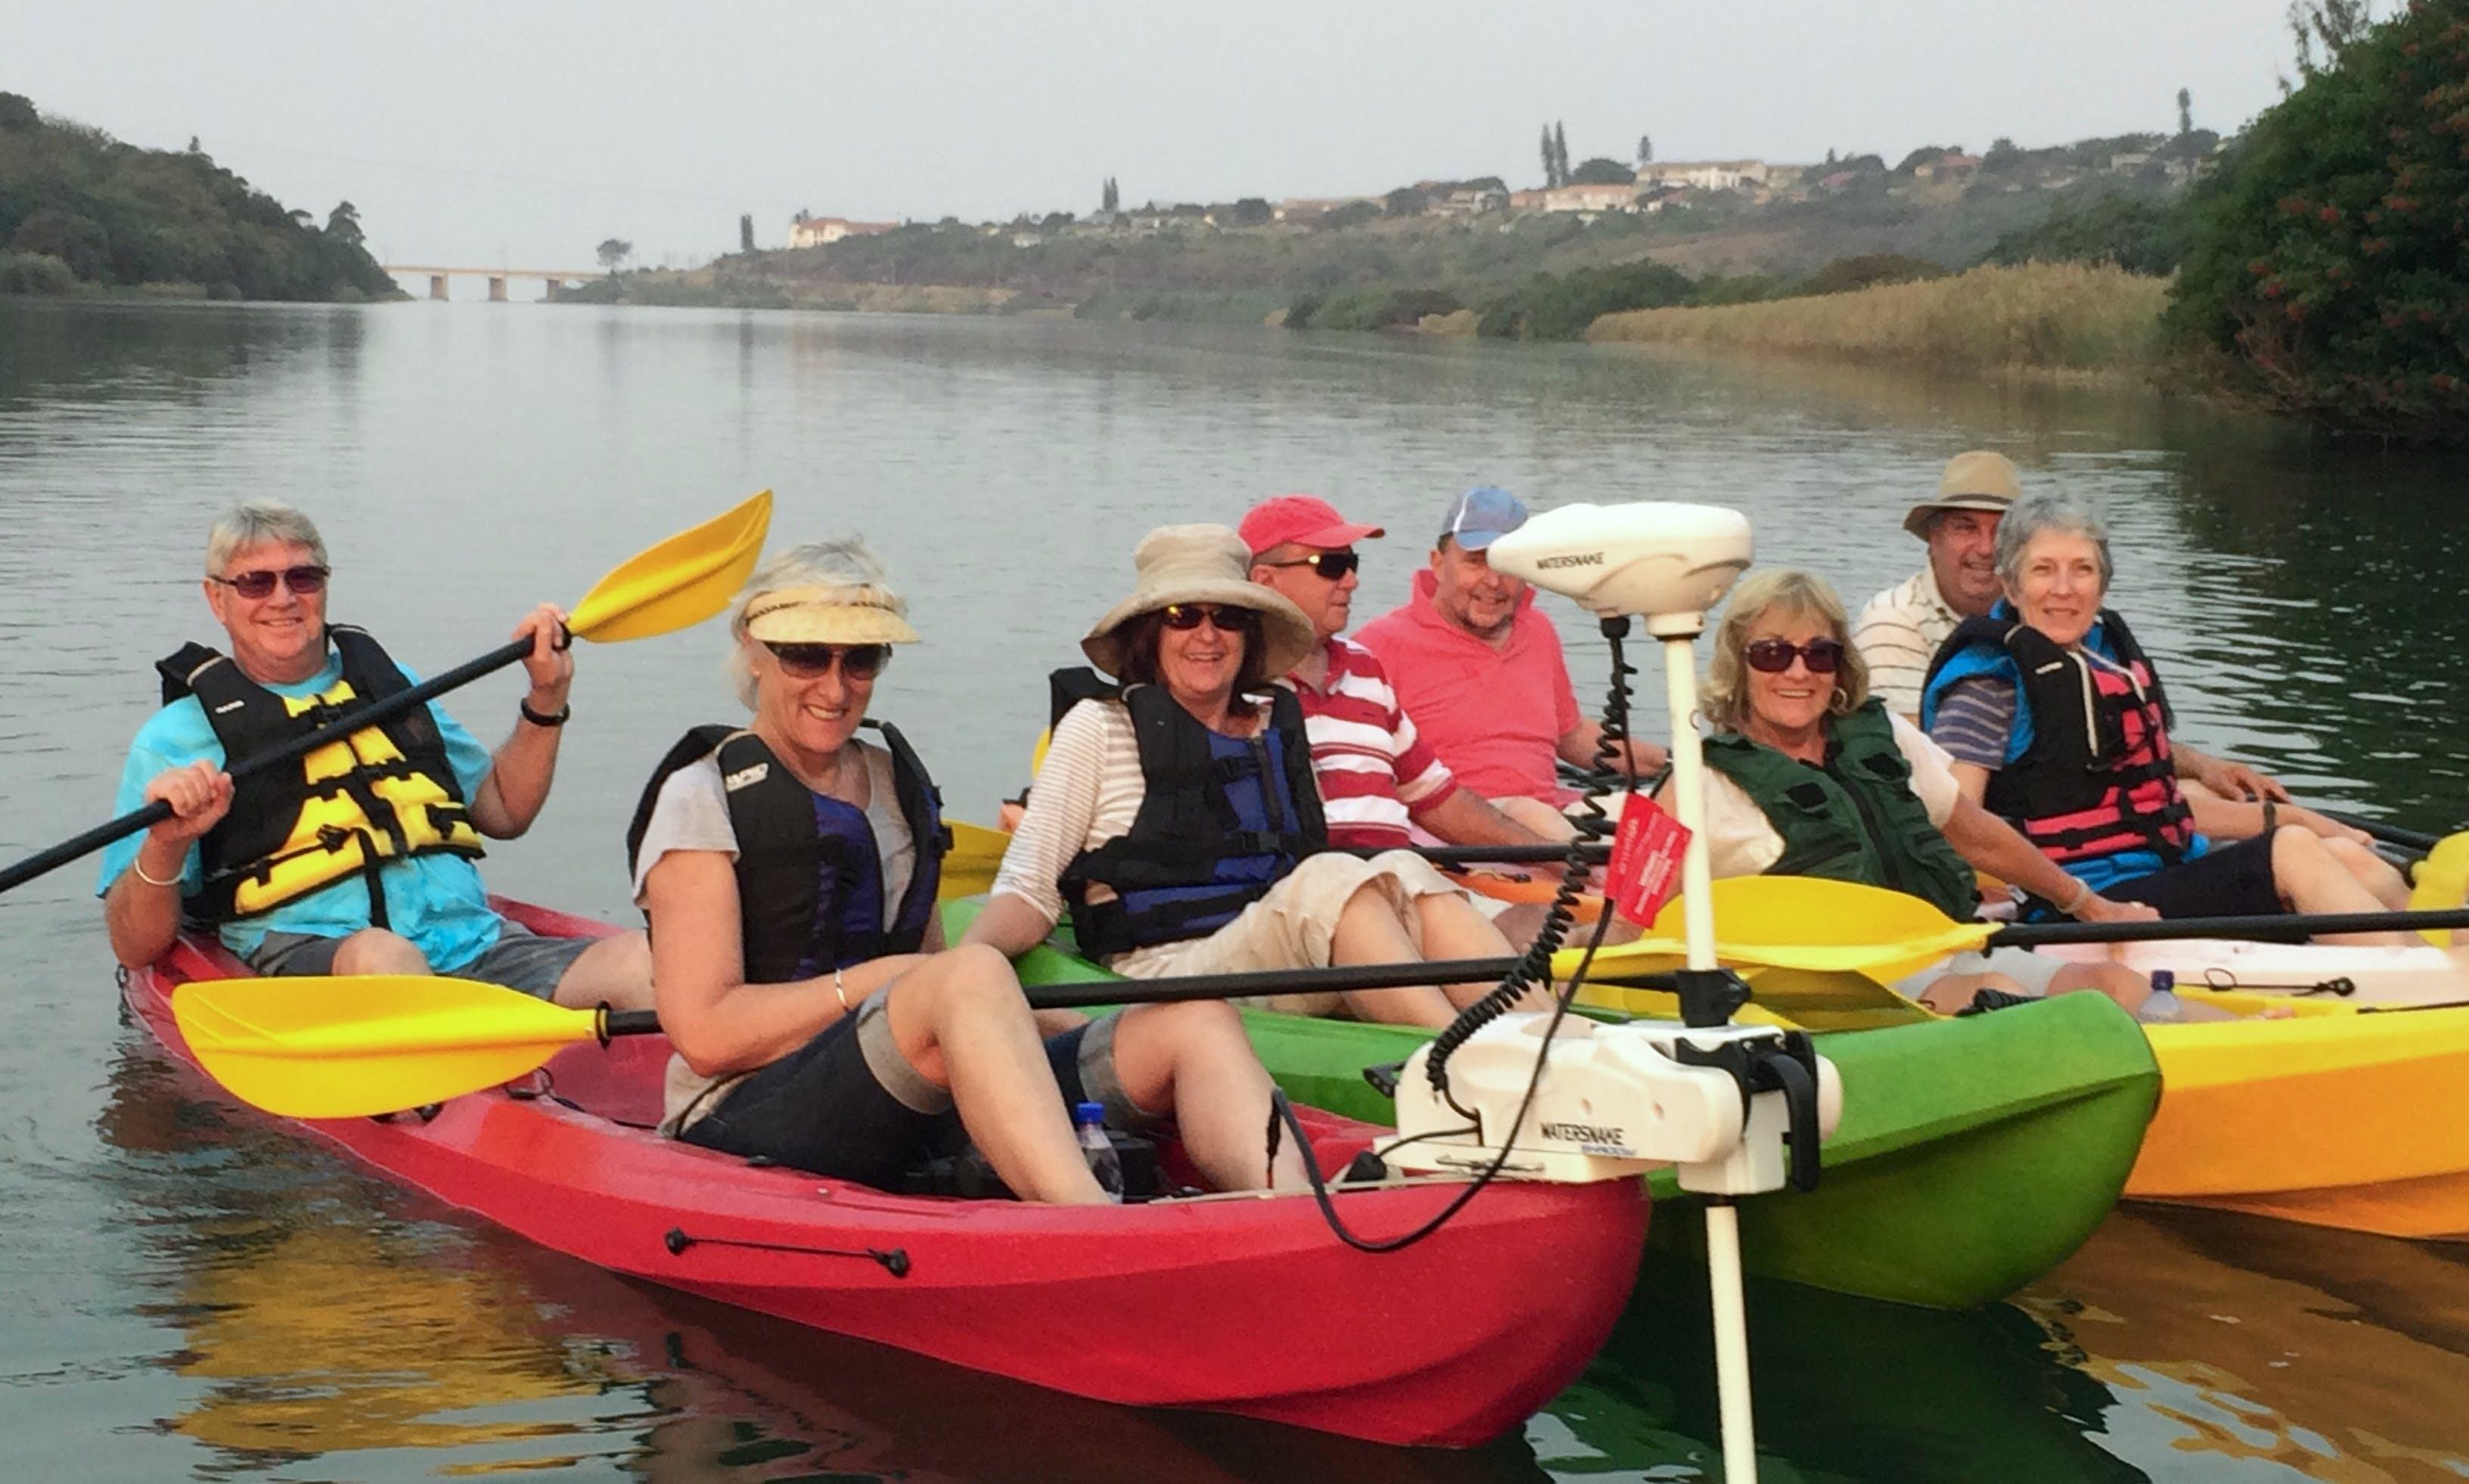 Amazing Kayak Rental in Umkomaas, South Africa